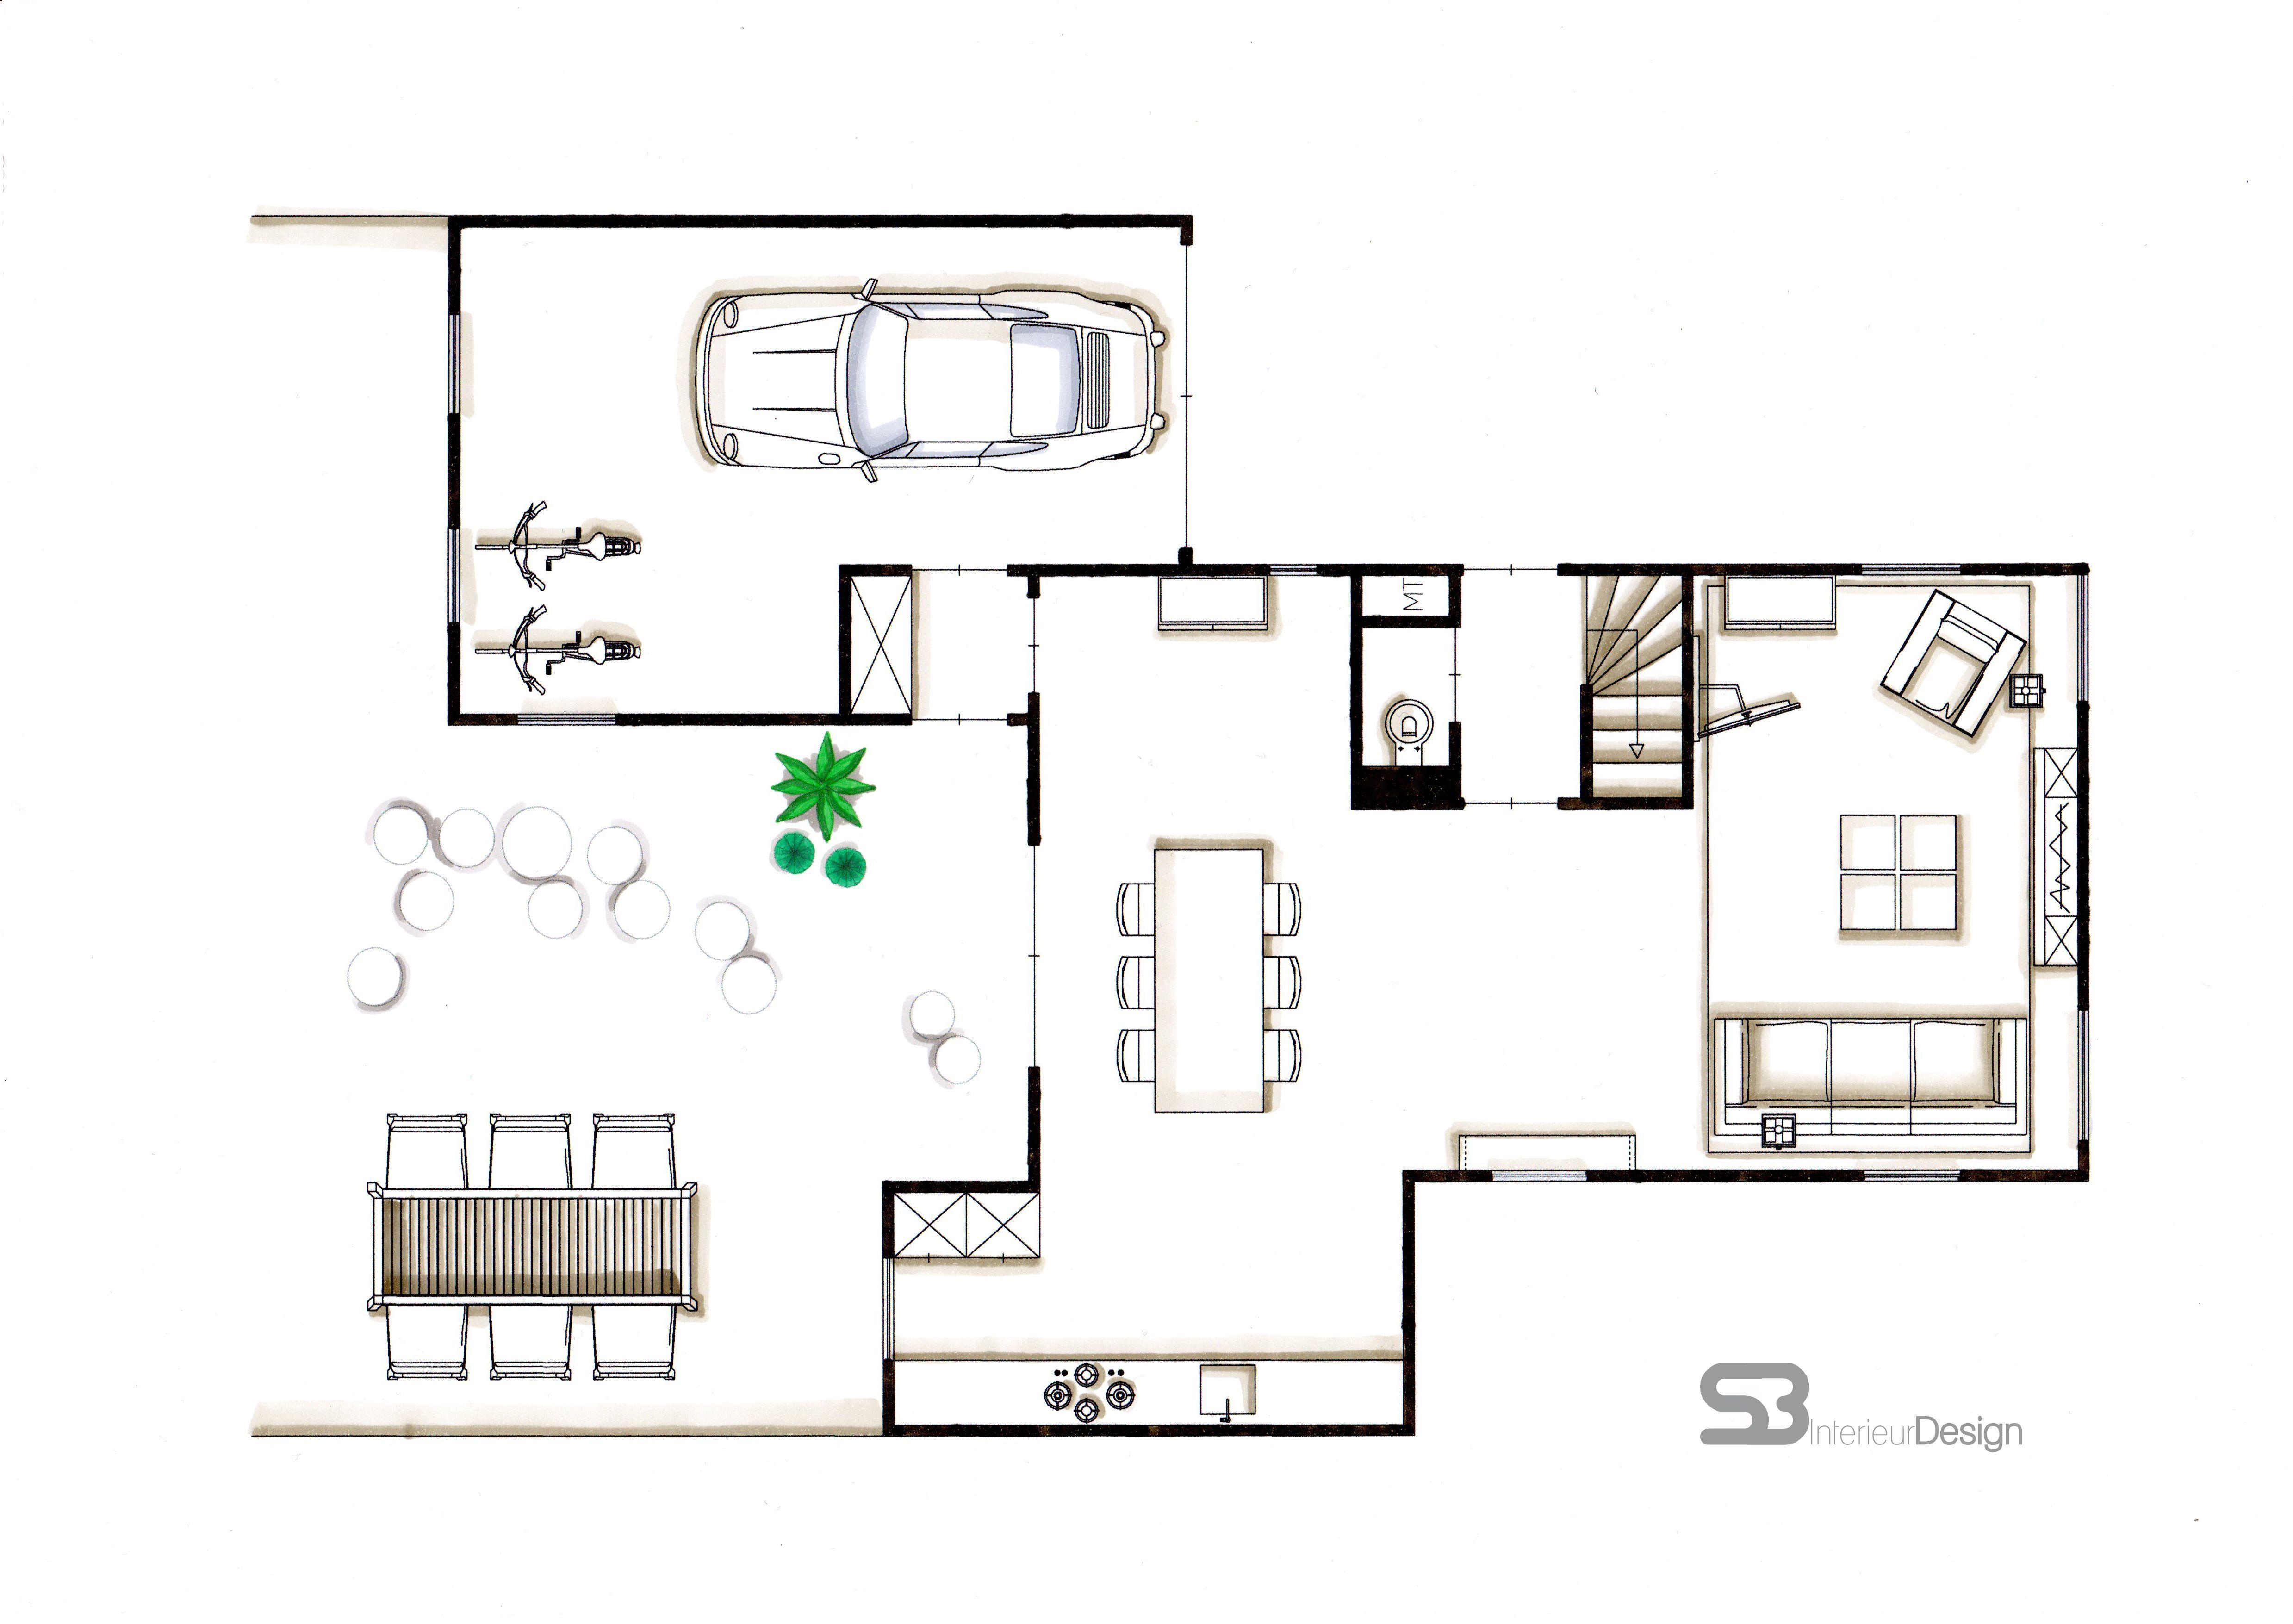 Sb interieur design thuis in uw droomhuis gaat u uw huis in de verkoop zetten of wordt uw - Interieur eigentijds design huis ...